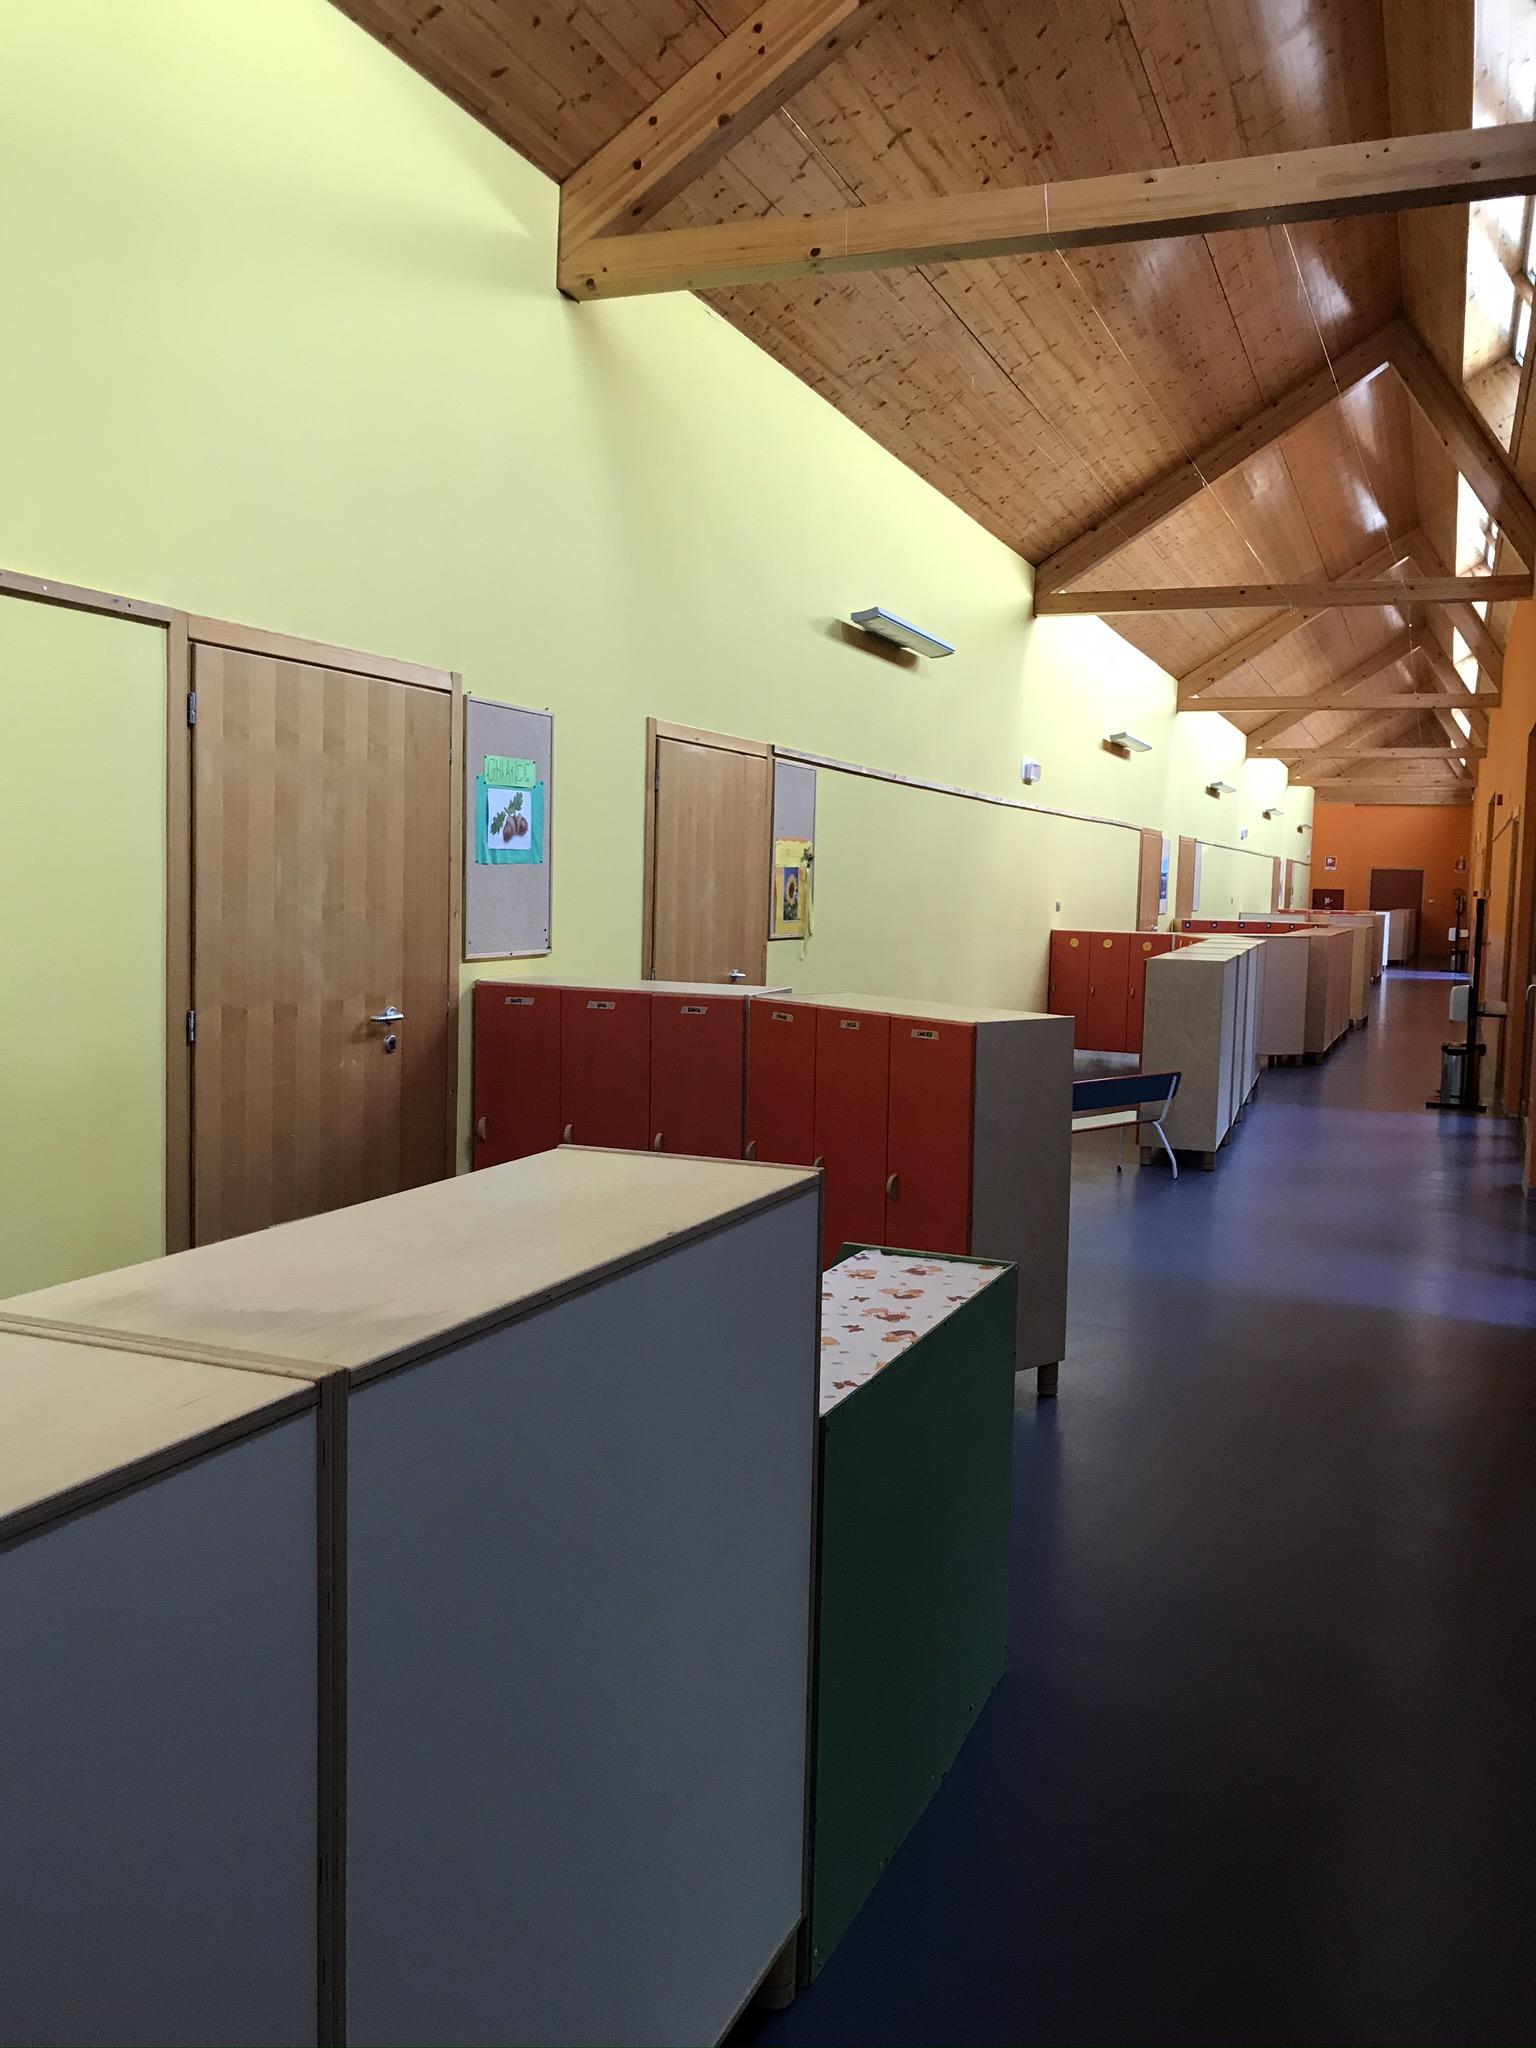 Corridoio Covid, con spazi riservati ad ogni classe